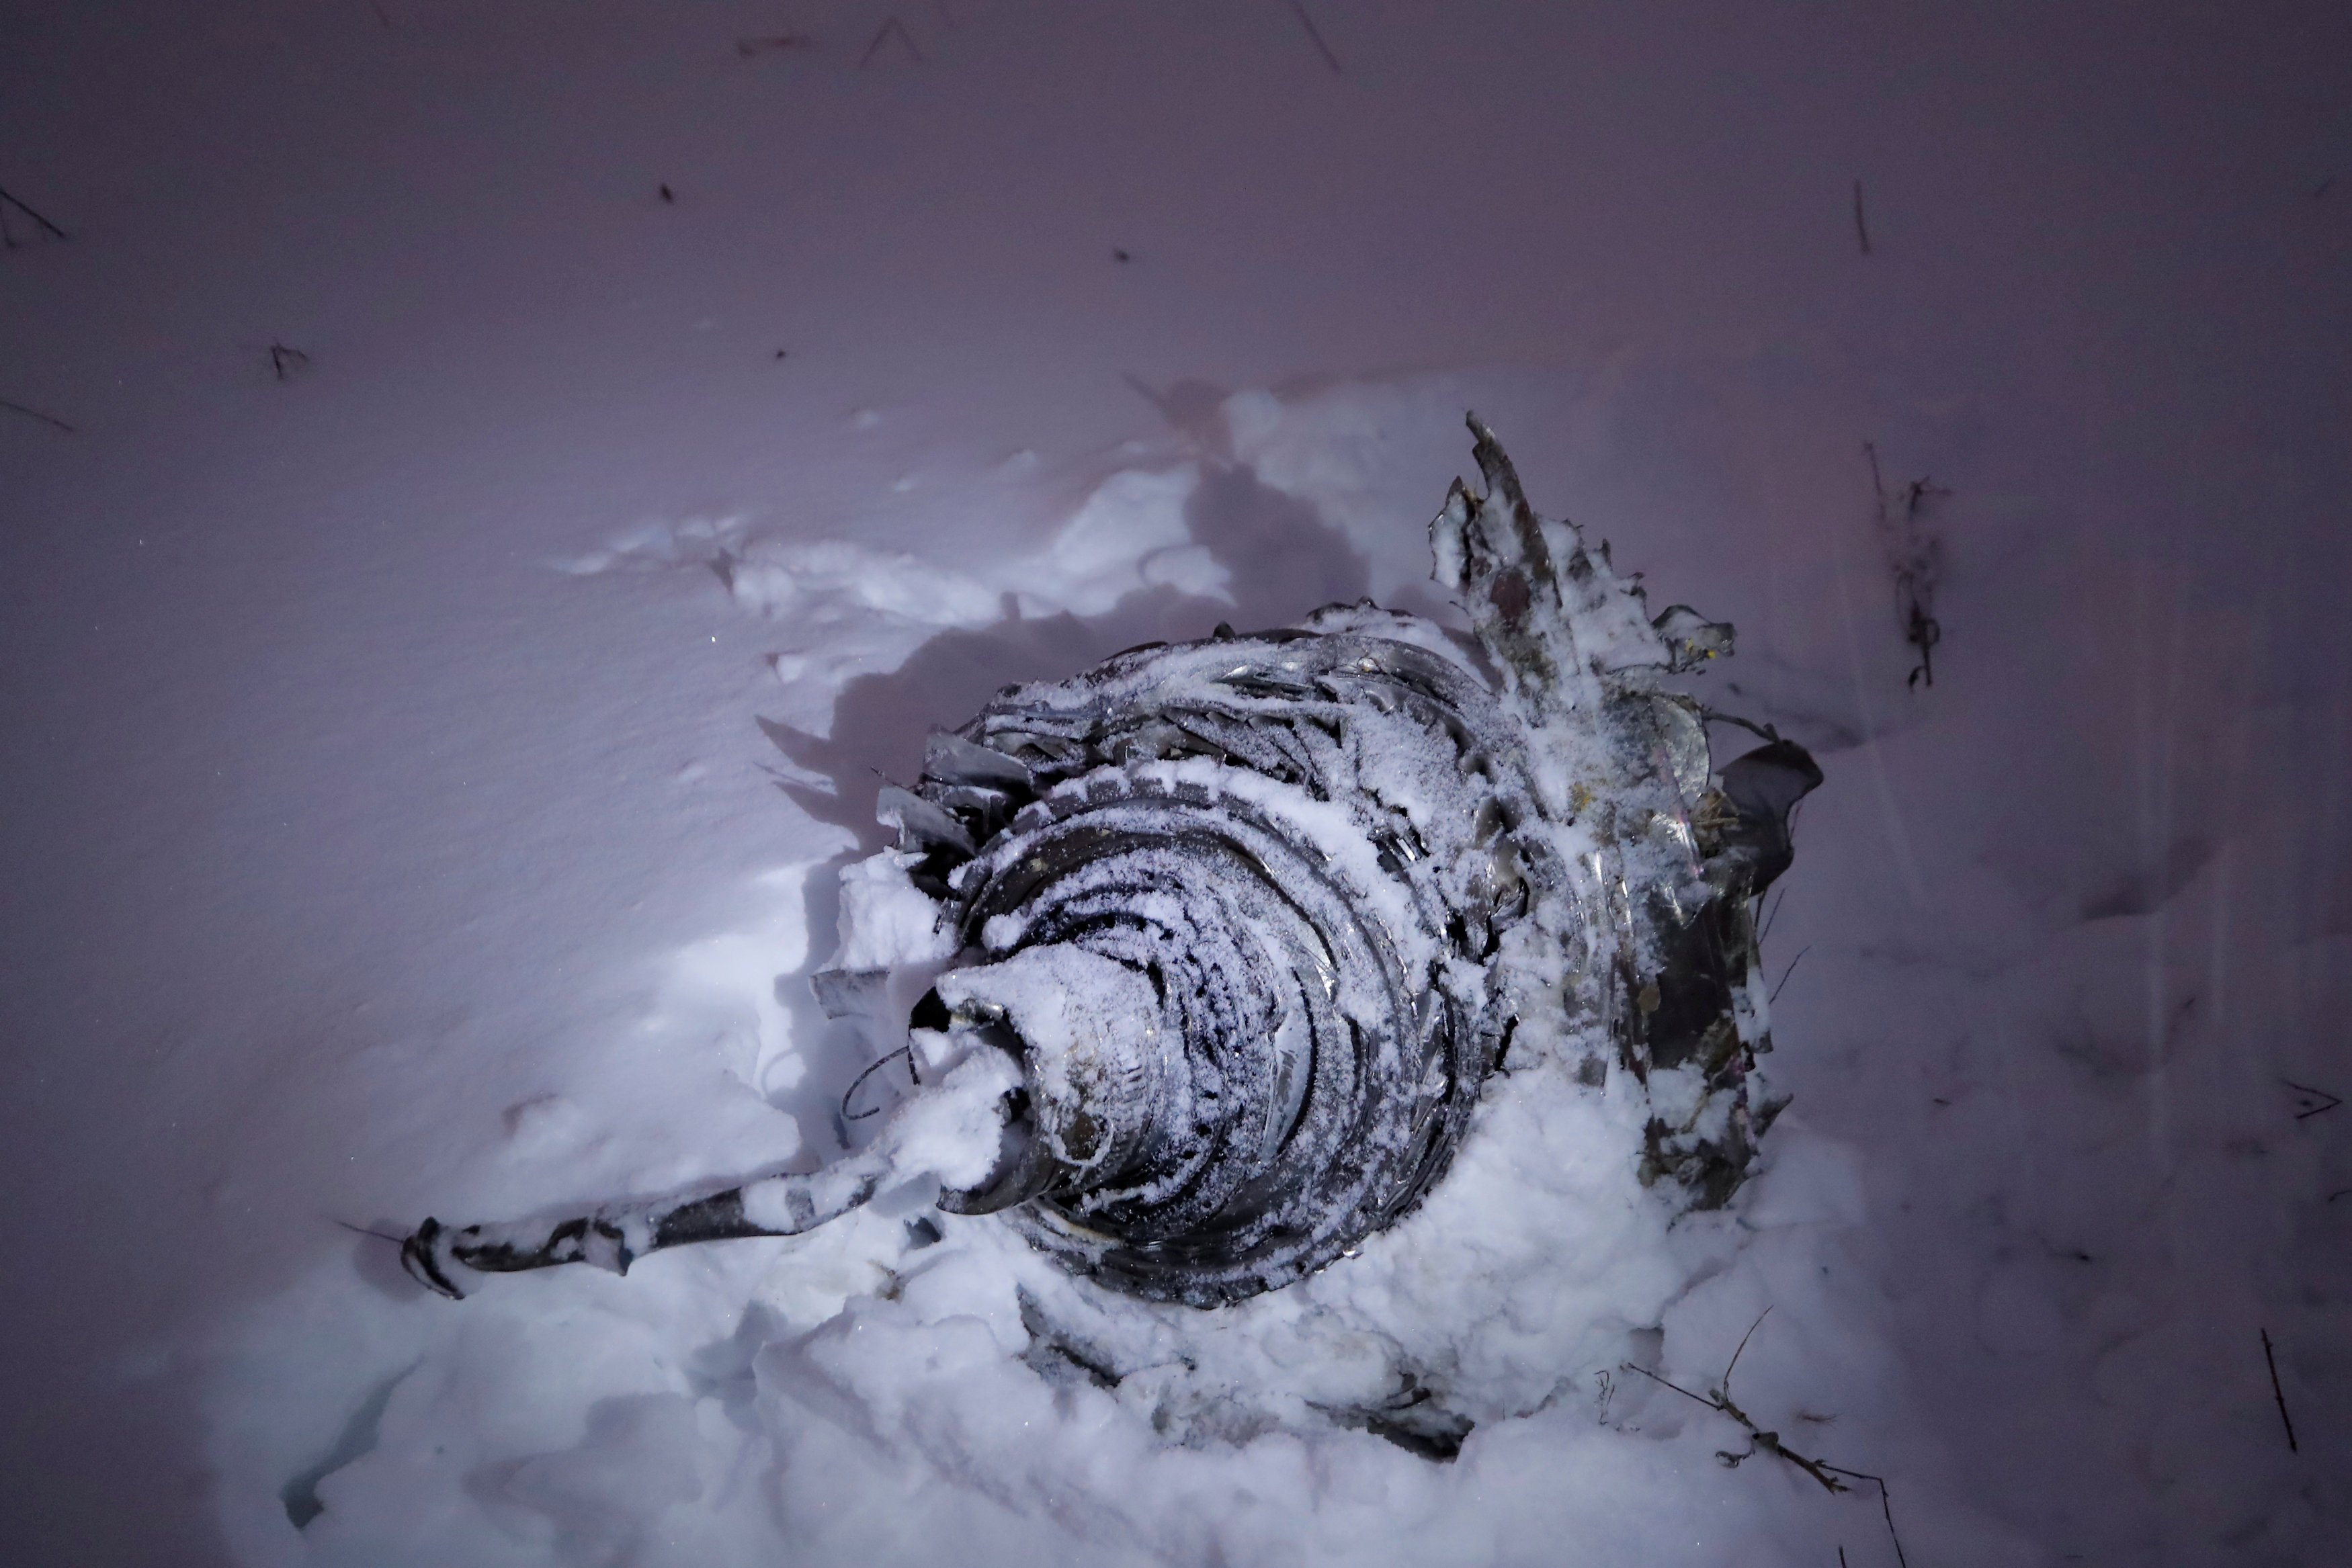 В Подмосковье прогремел взрыв после падения Ан-148